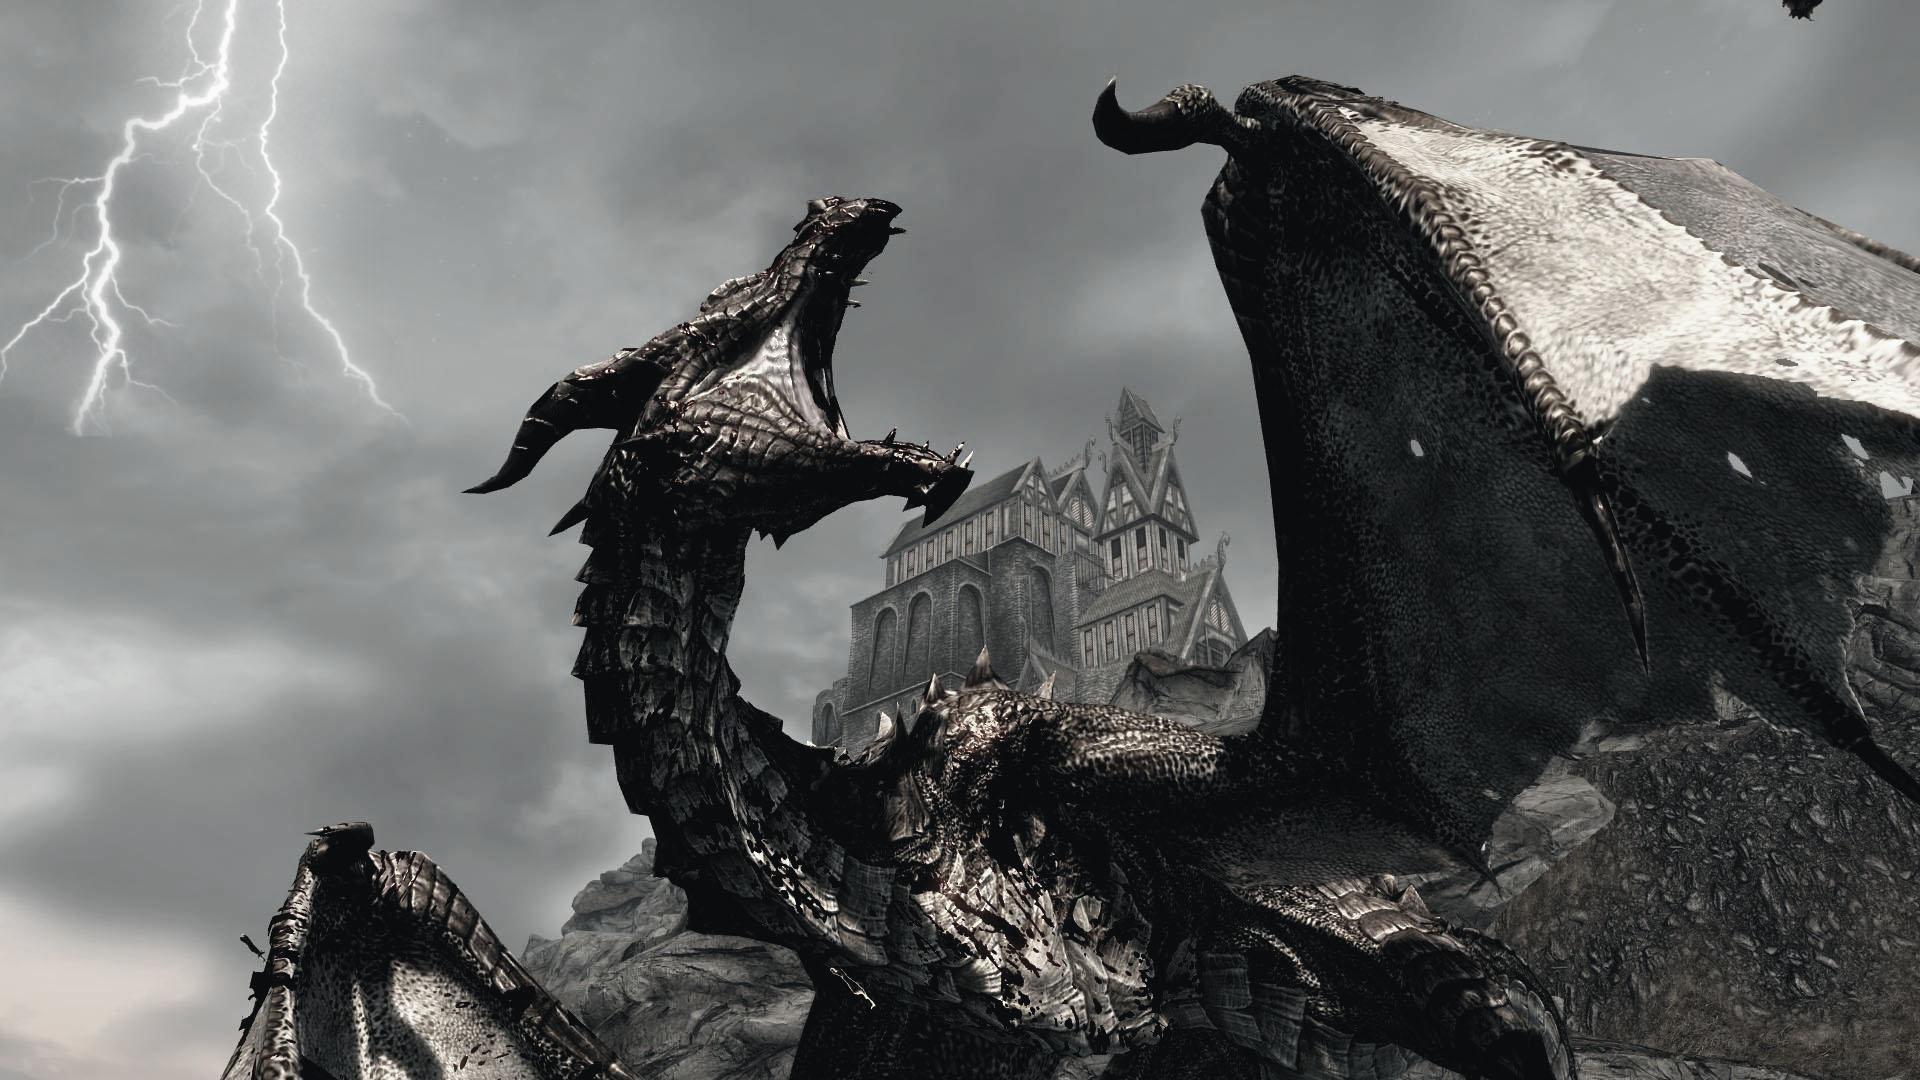 Skyrim-hd-wallpaper-dragon-1